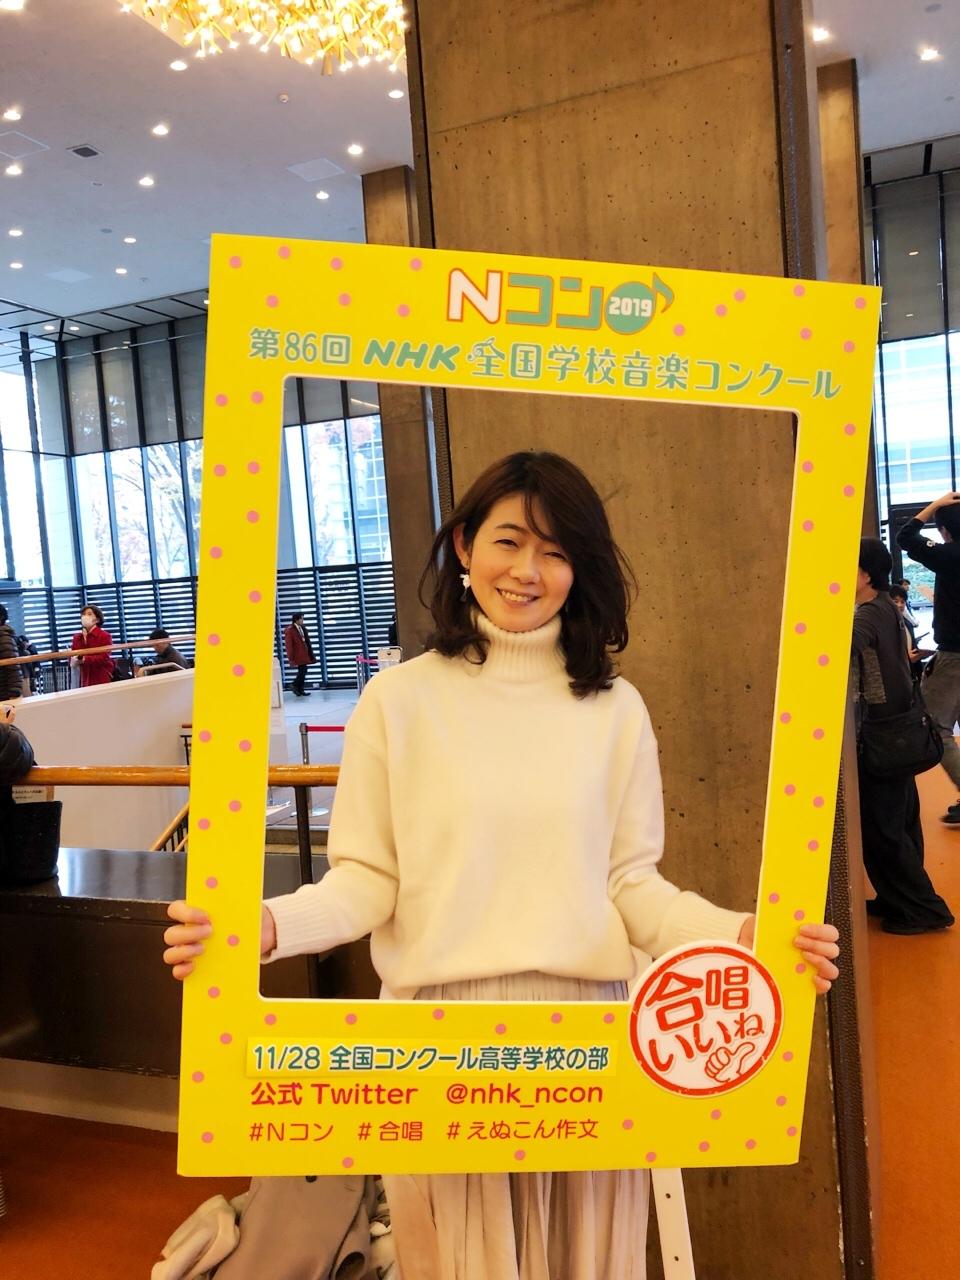 桐光学園合唱部 Nコン初全国の舞台へ@NHKホール_a0157409_08120920.jpeg